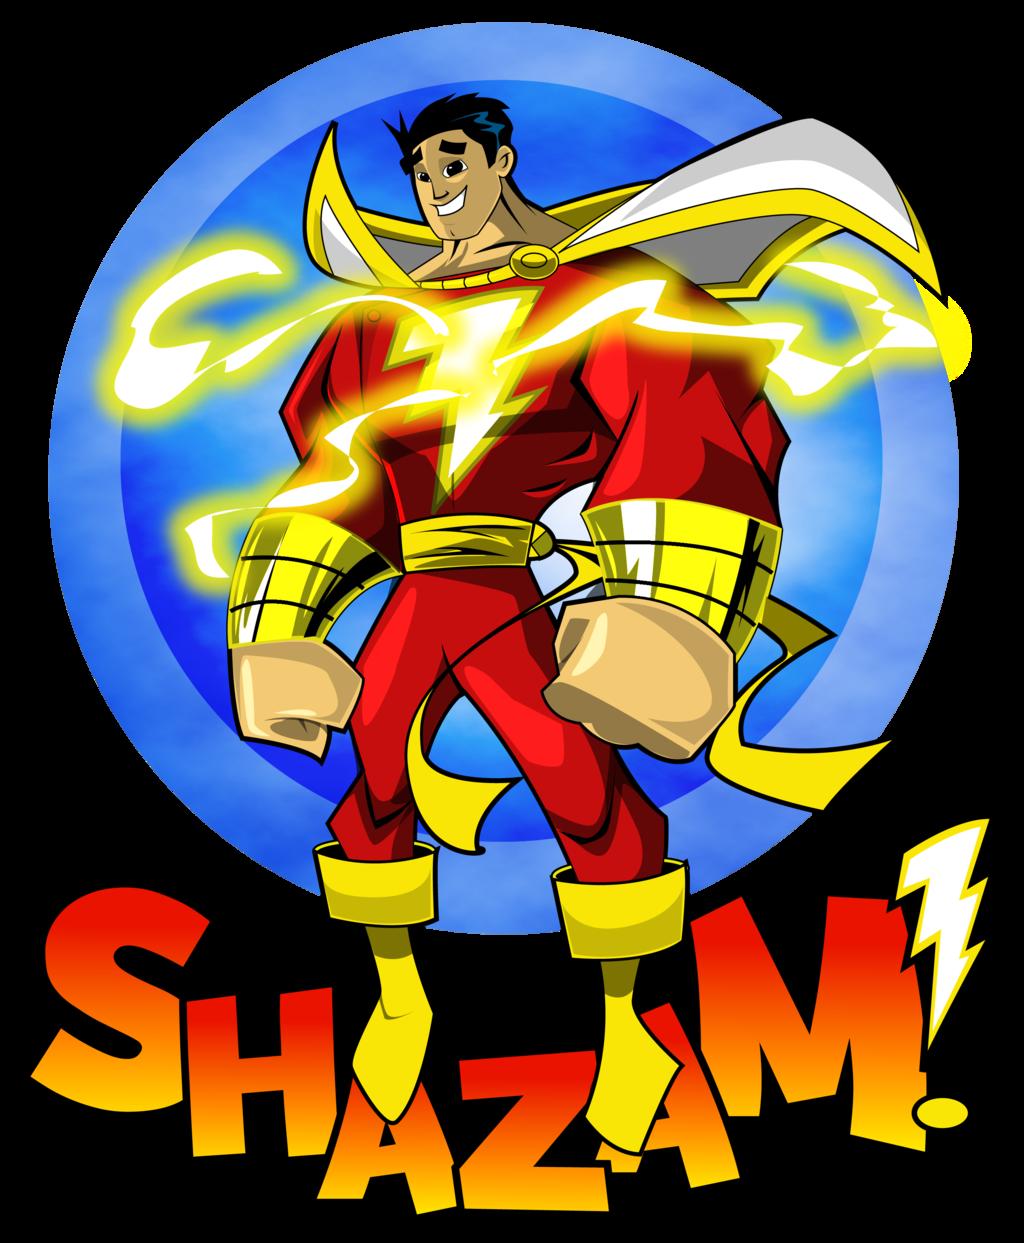 Shazam By Kudoze@deviantART